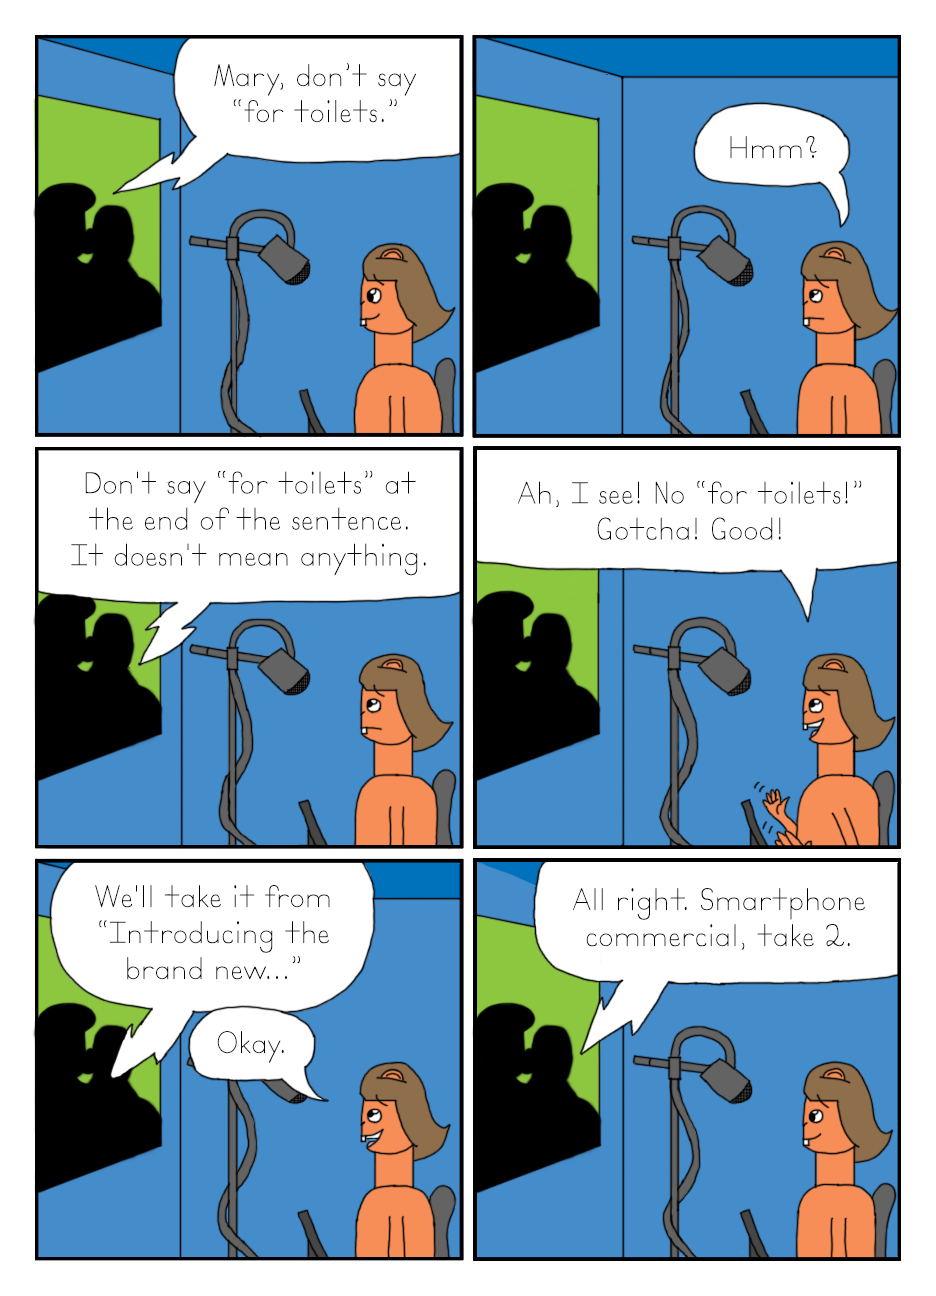 The Sbuirrels #8: A Dumb Smartphone Ad (3/7)